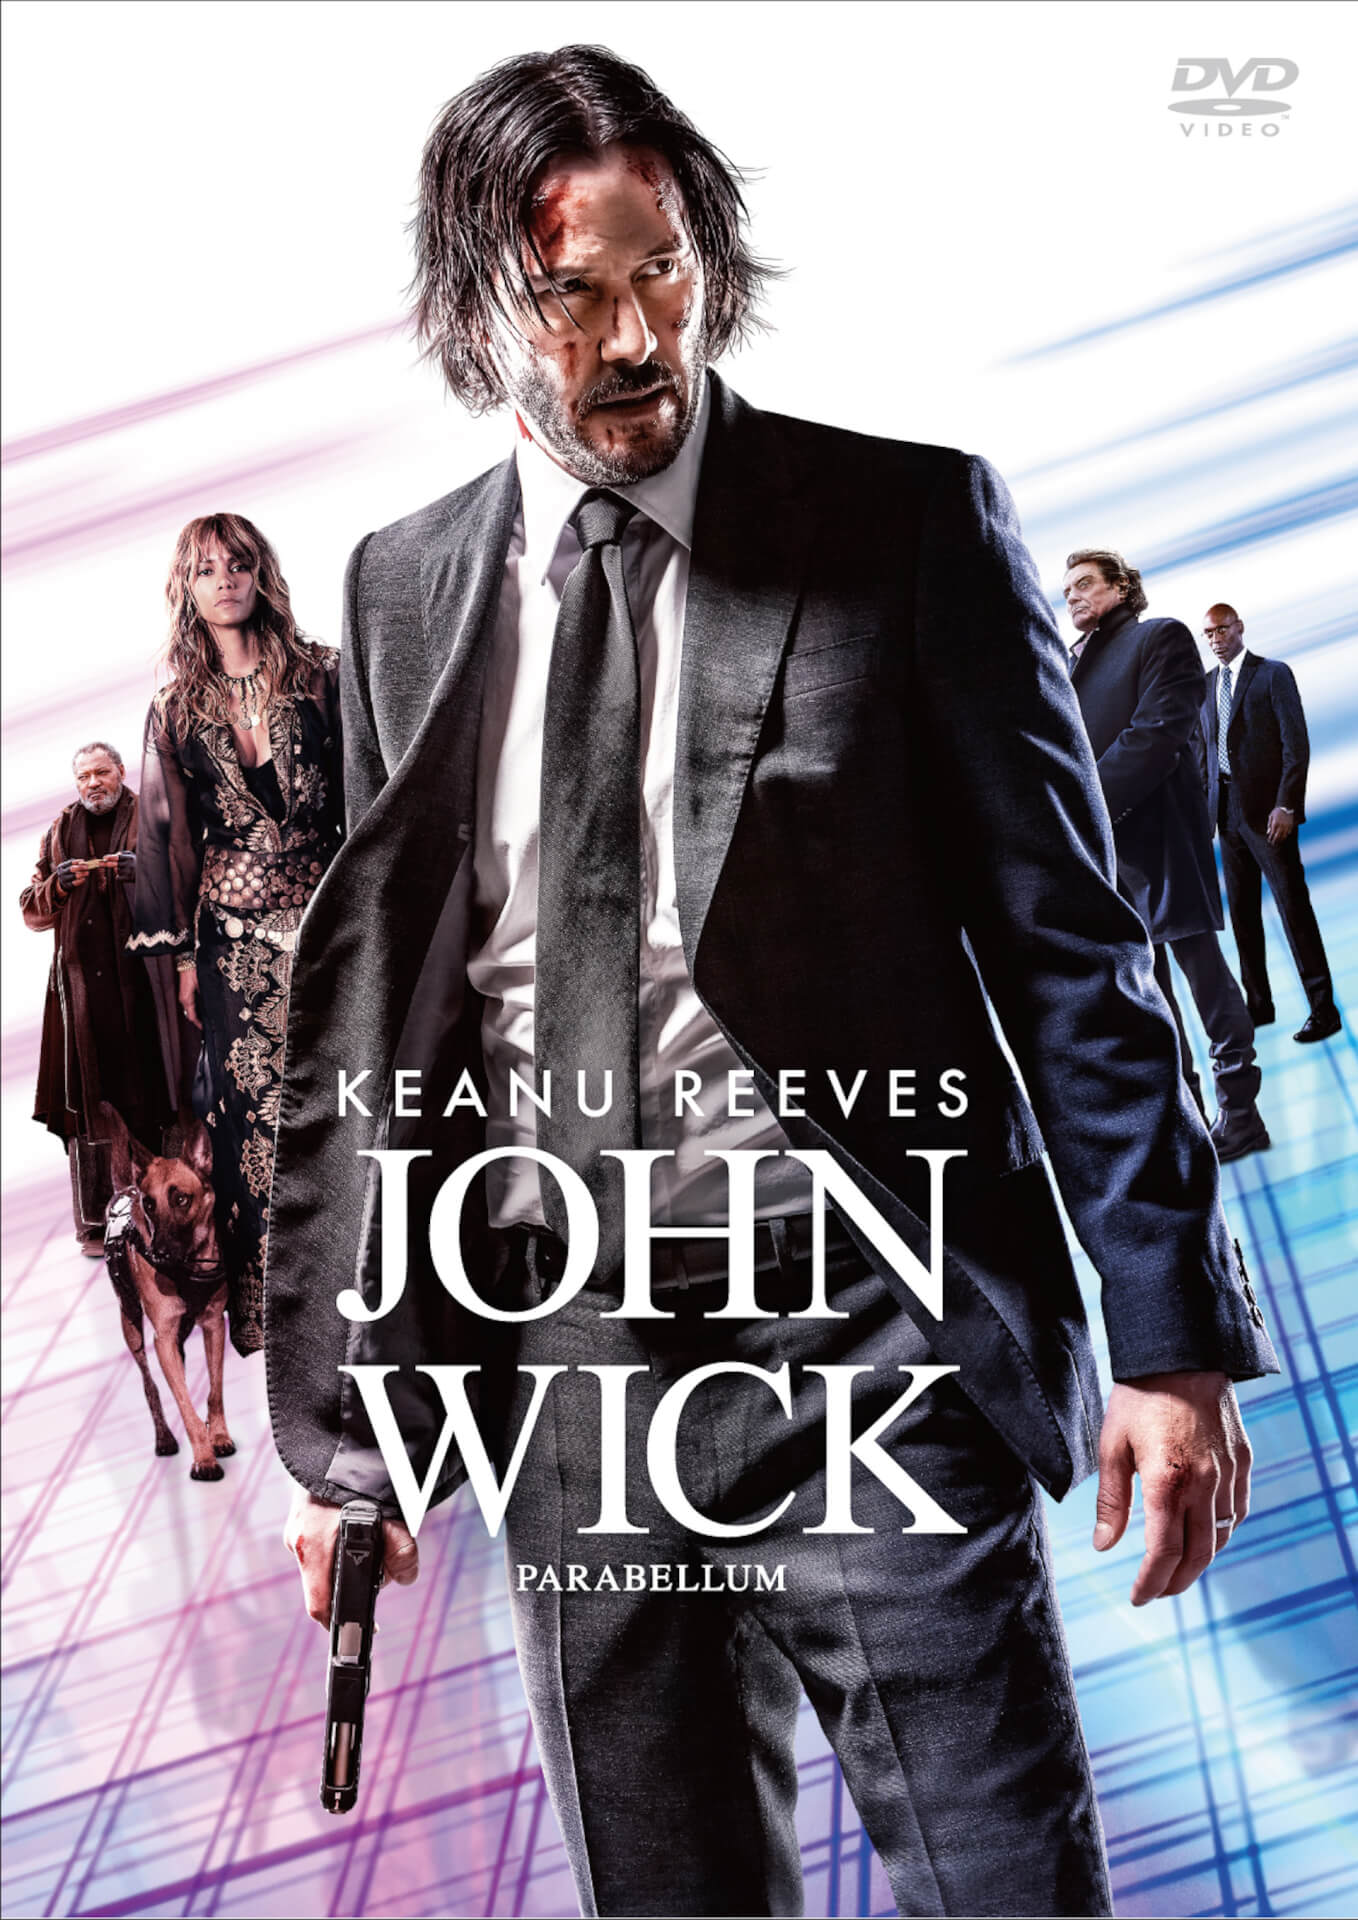 キアヌ・リーブスがあなたの家でガン・フーを披露!『ジョン・ウィック:パラベラム』Blu-ray&DVD、デジタル配信決定 video191225_johnwick_2